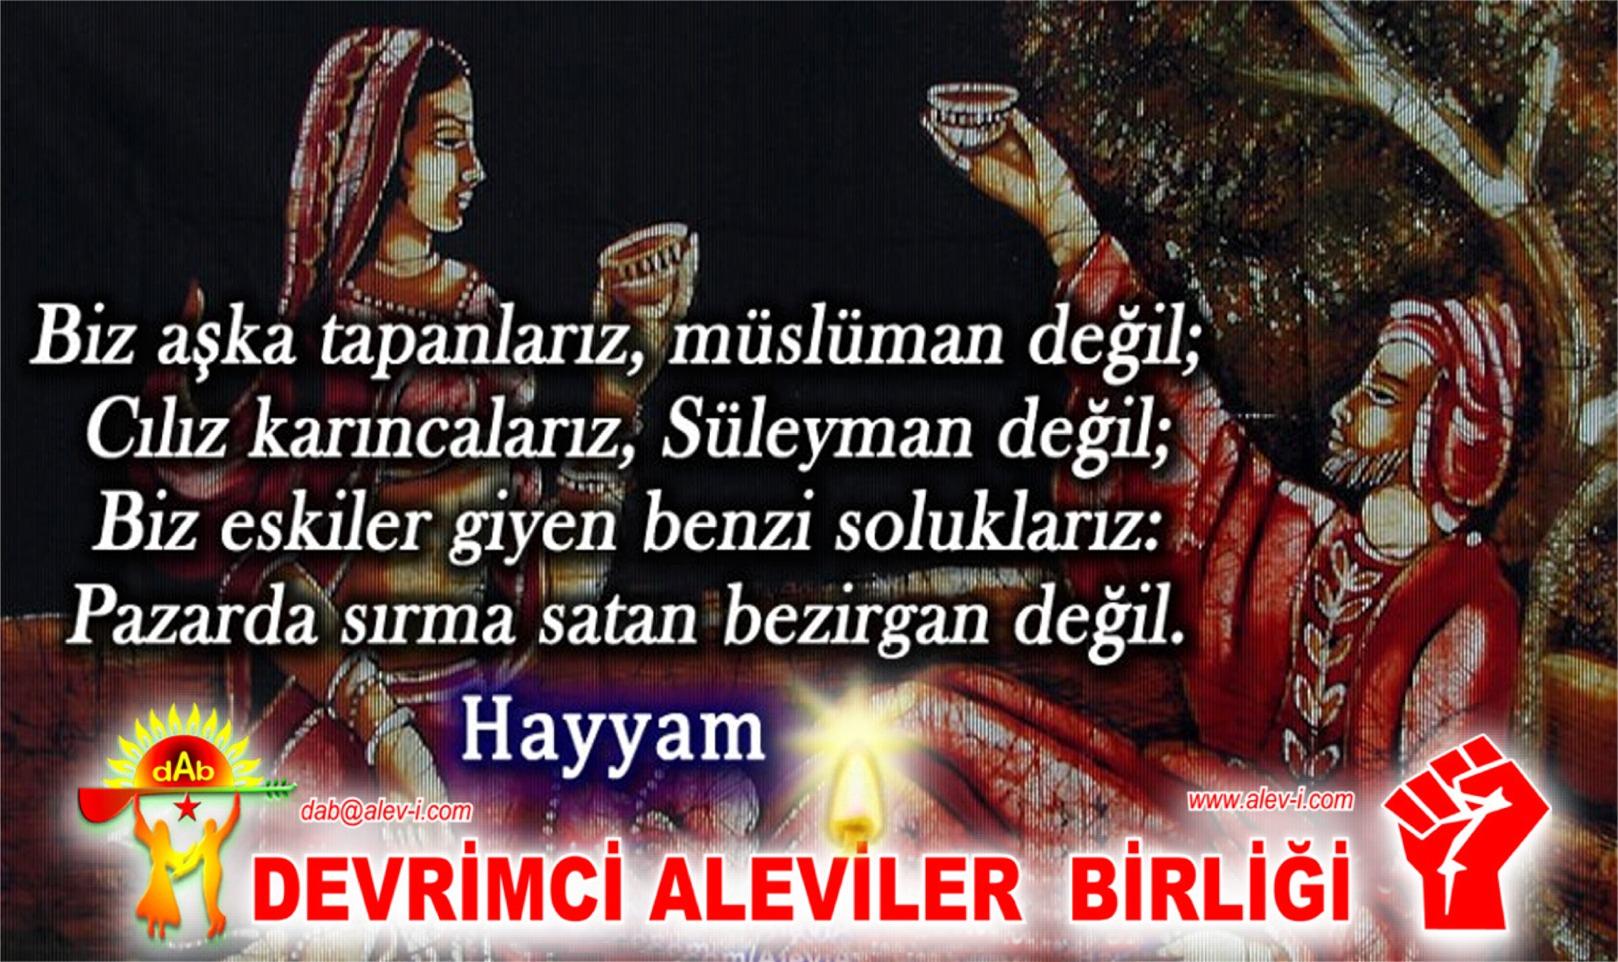 Alevi Bektaşi Kızılbaş Pir Sultan Devrimci Aleviler Birliği DAB muluman degil hayyam